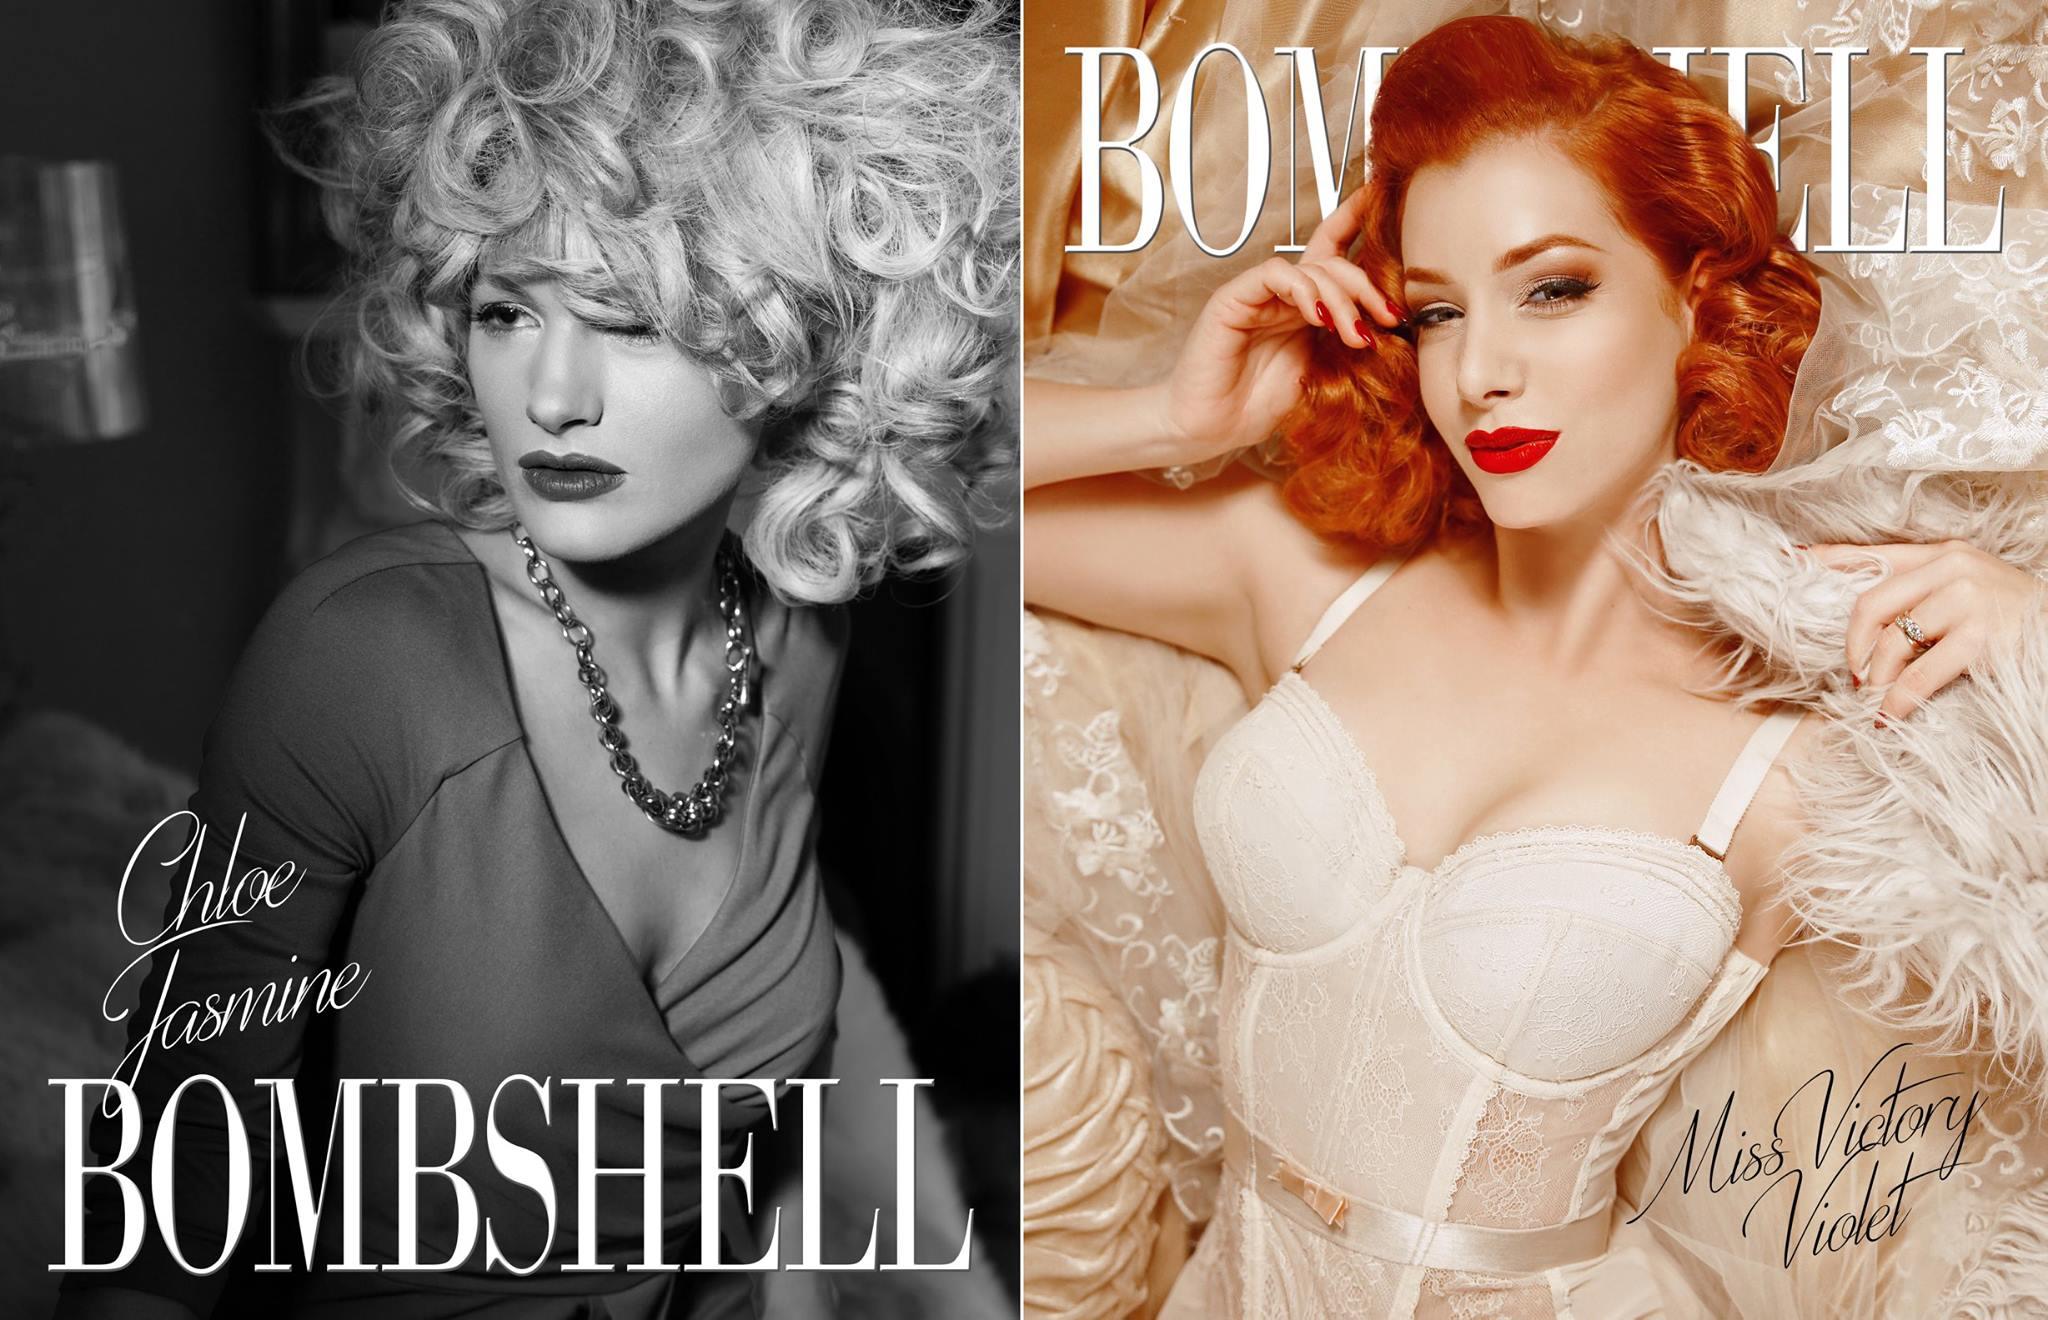 Bombshell Magazine Cover